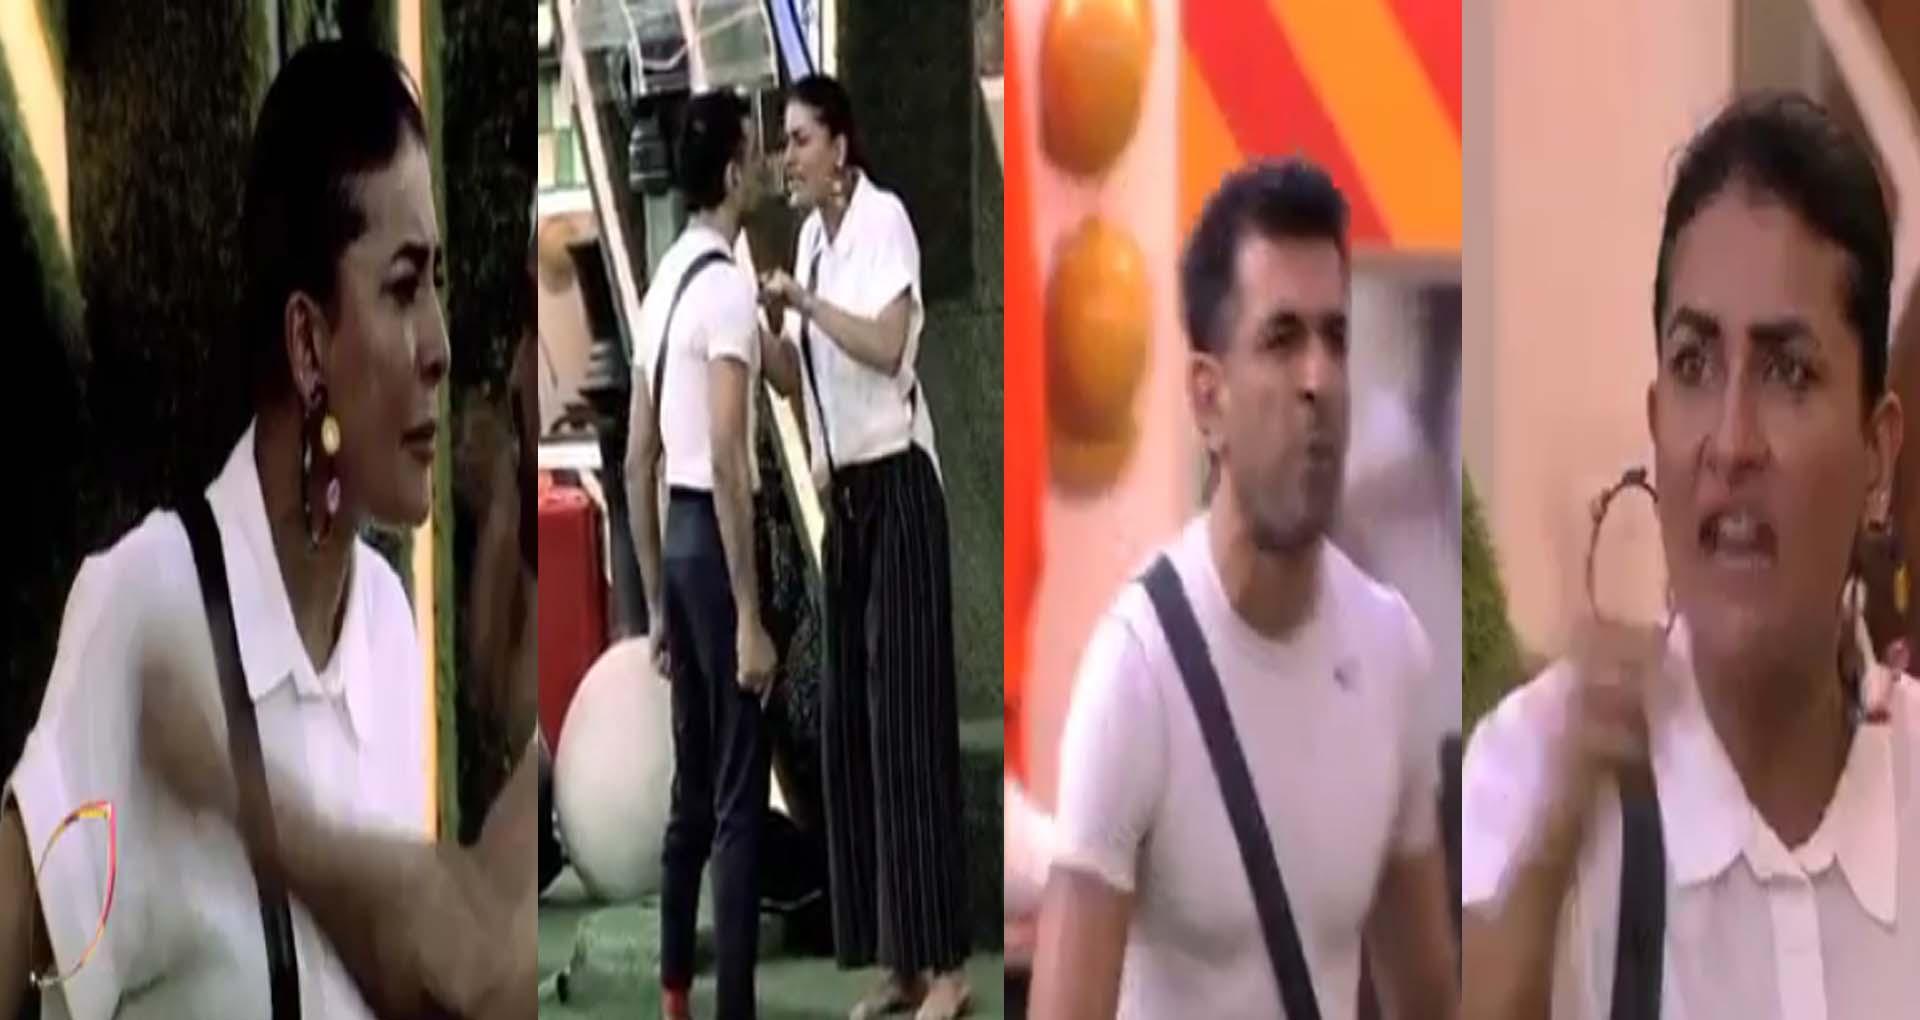 Bigg Boss 14: एजाज खान और पवित्रा पुनिया के बीच बड़ी लड़ाई! दोनों ने दिखाया अपना गुस्सा